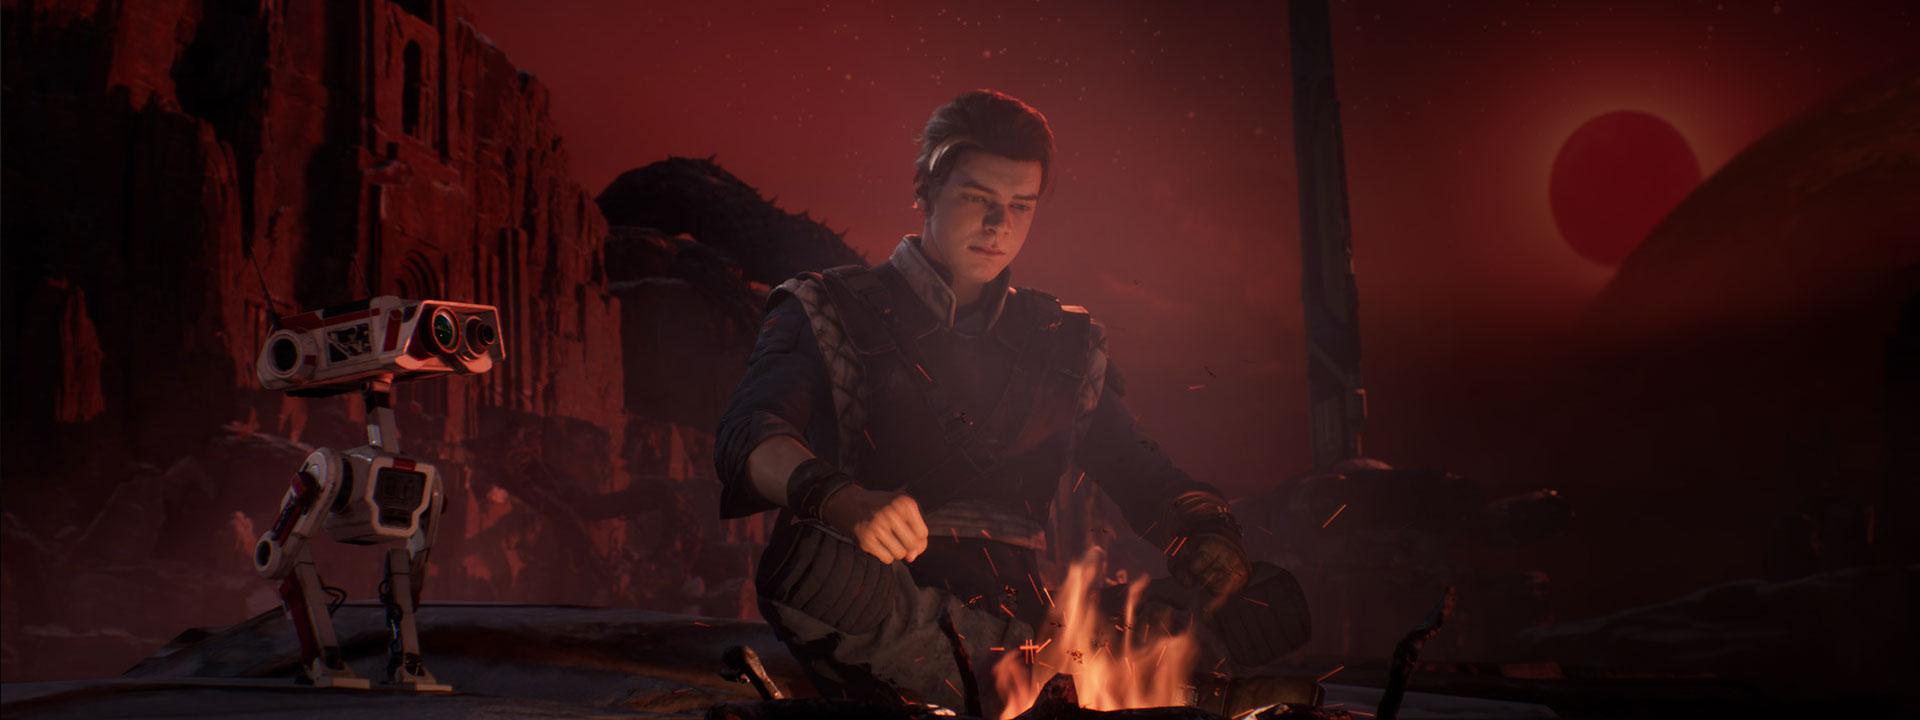 Cal Kestis est assis devant un feu de joie à côté d'un petit droïde